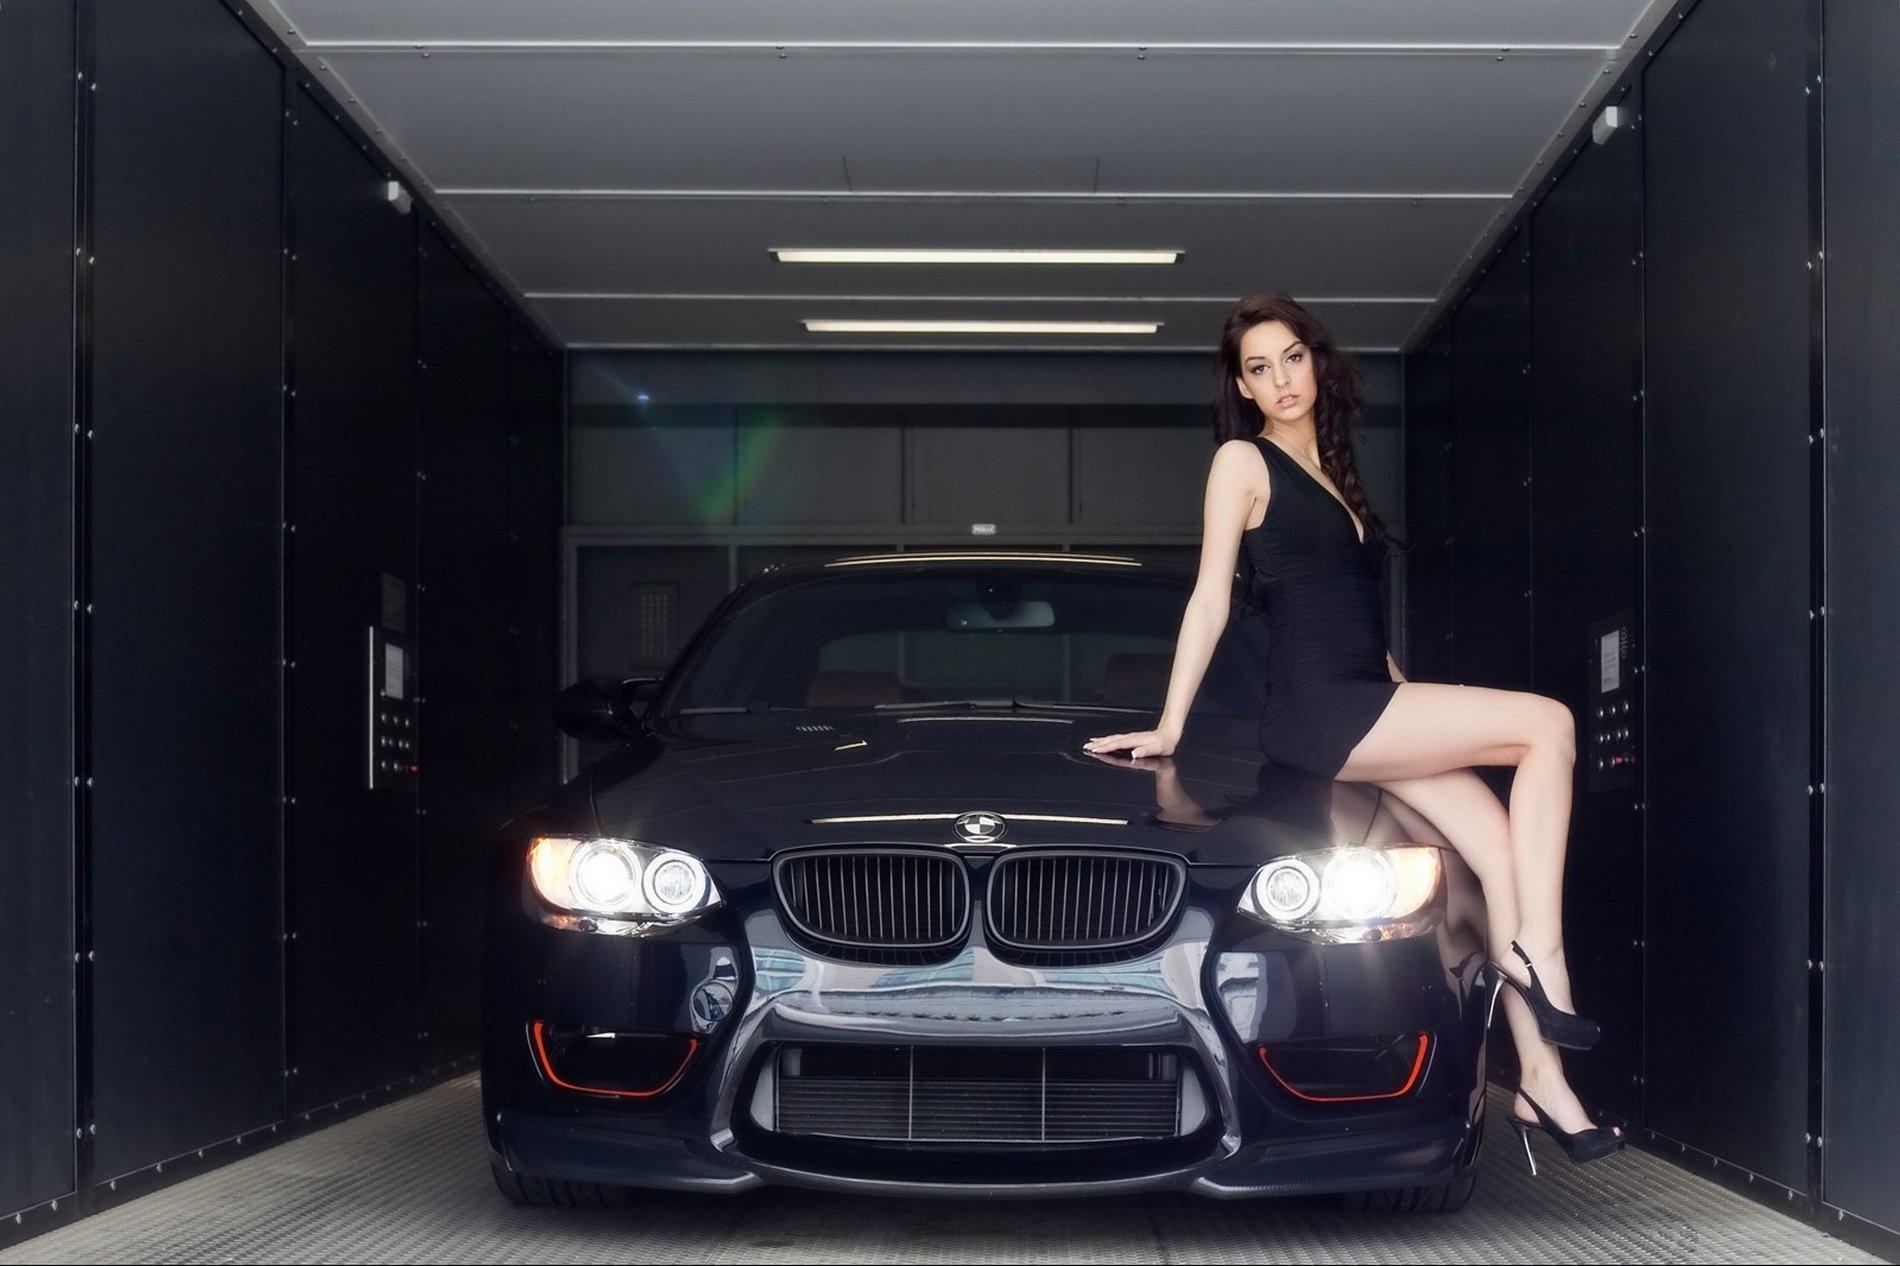 Картинка девушка с машиной в черном